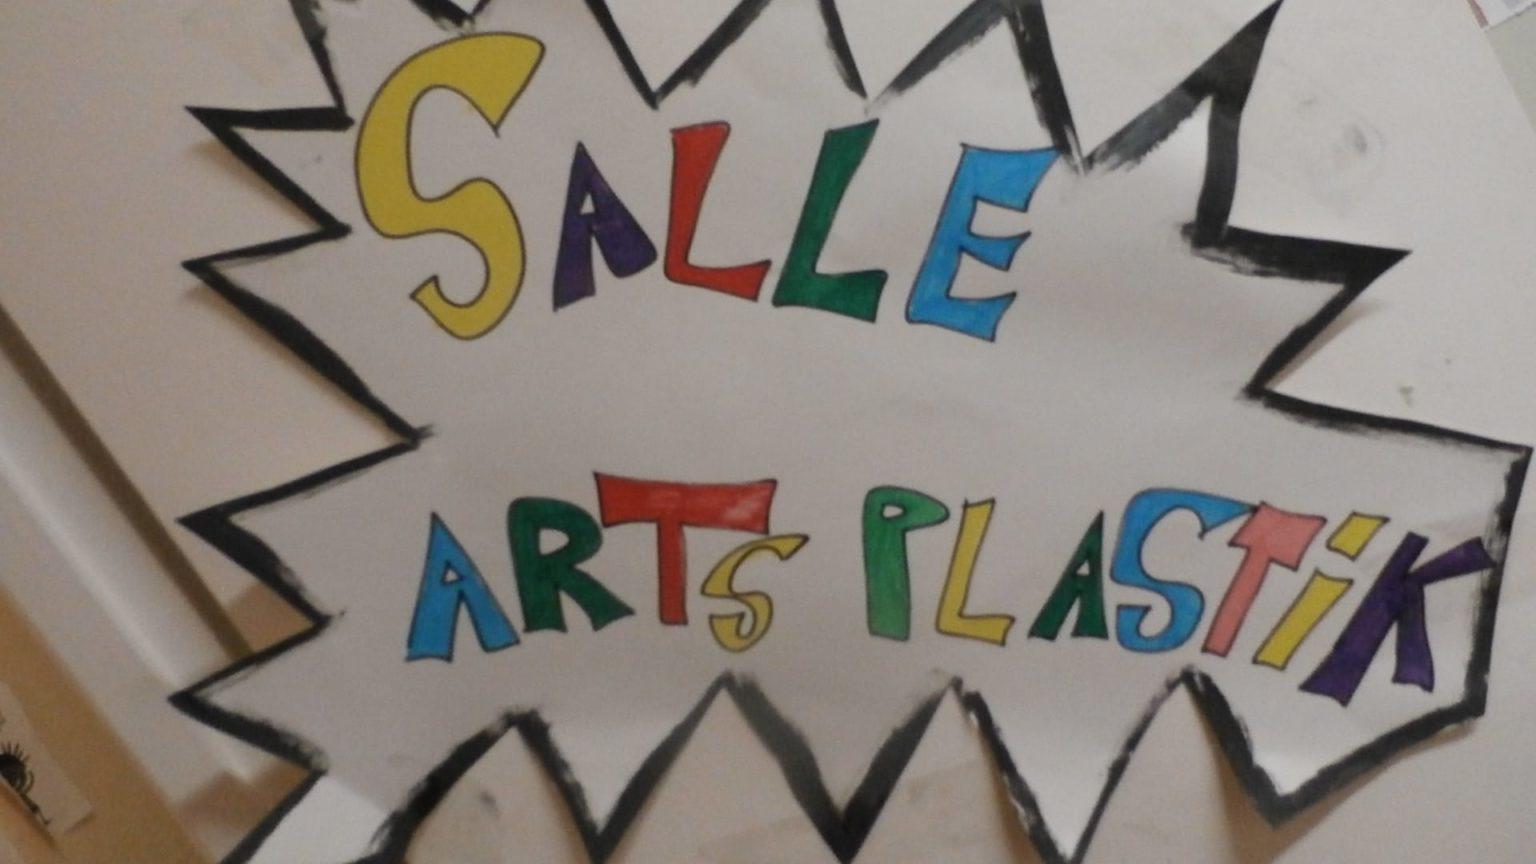 Affiche de la salle arts plastiques de l'espace pré-ados